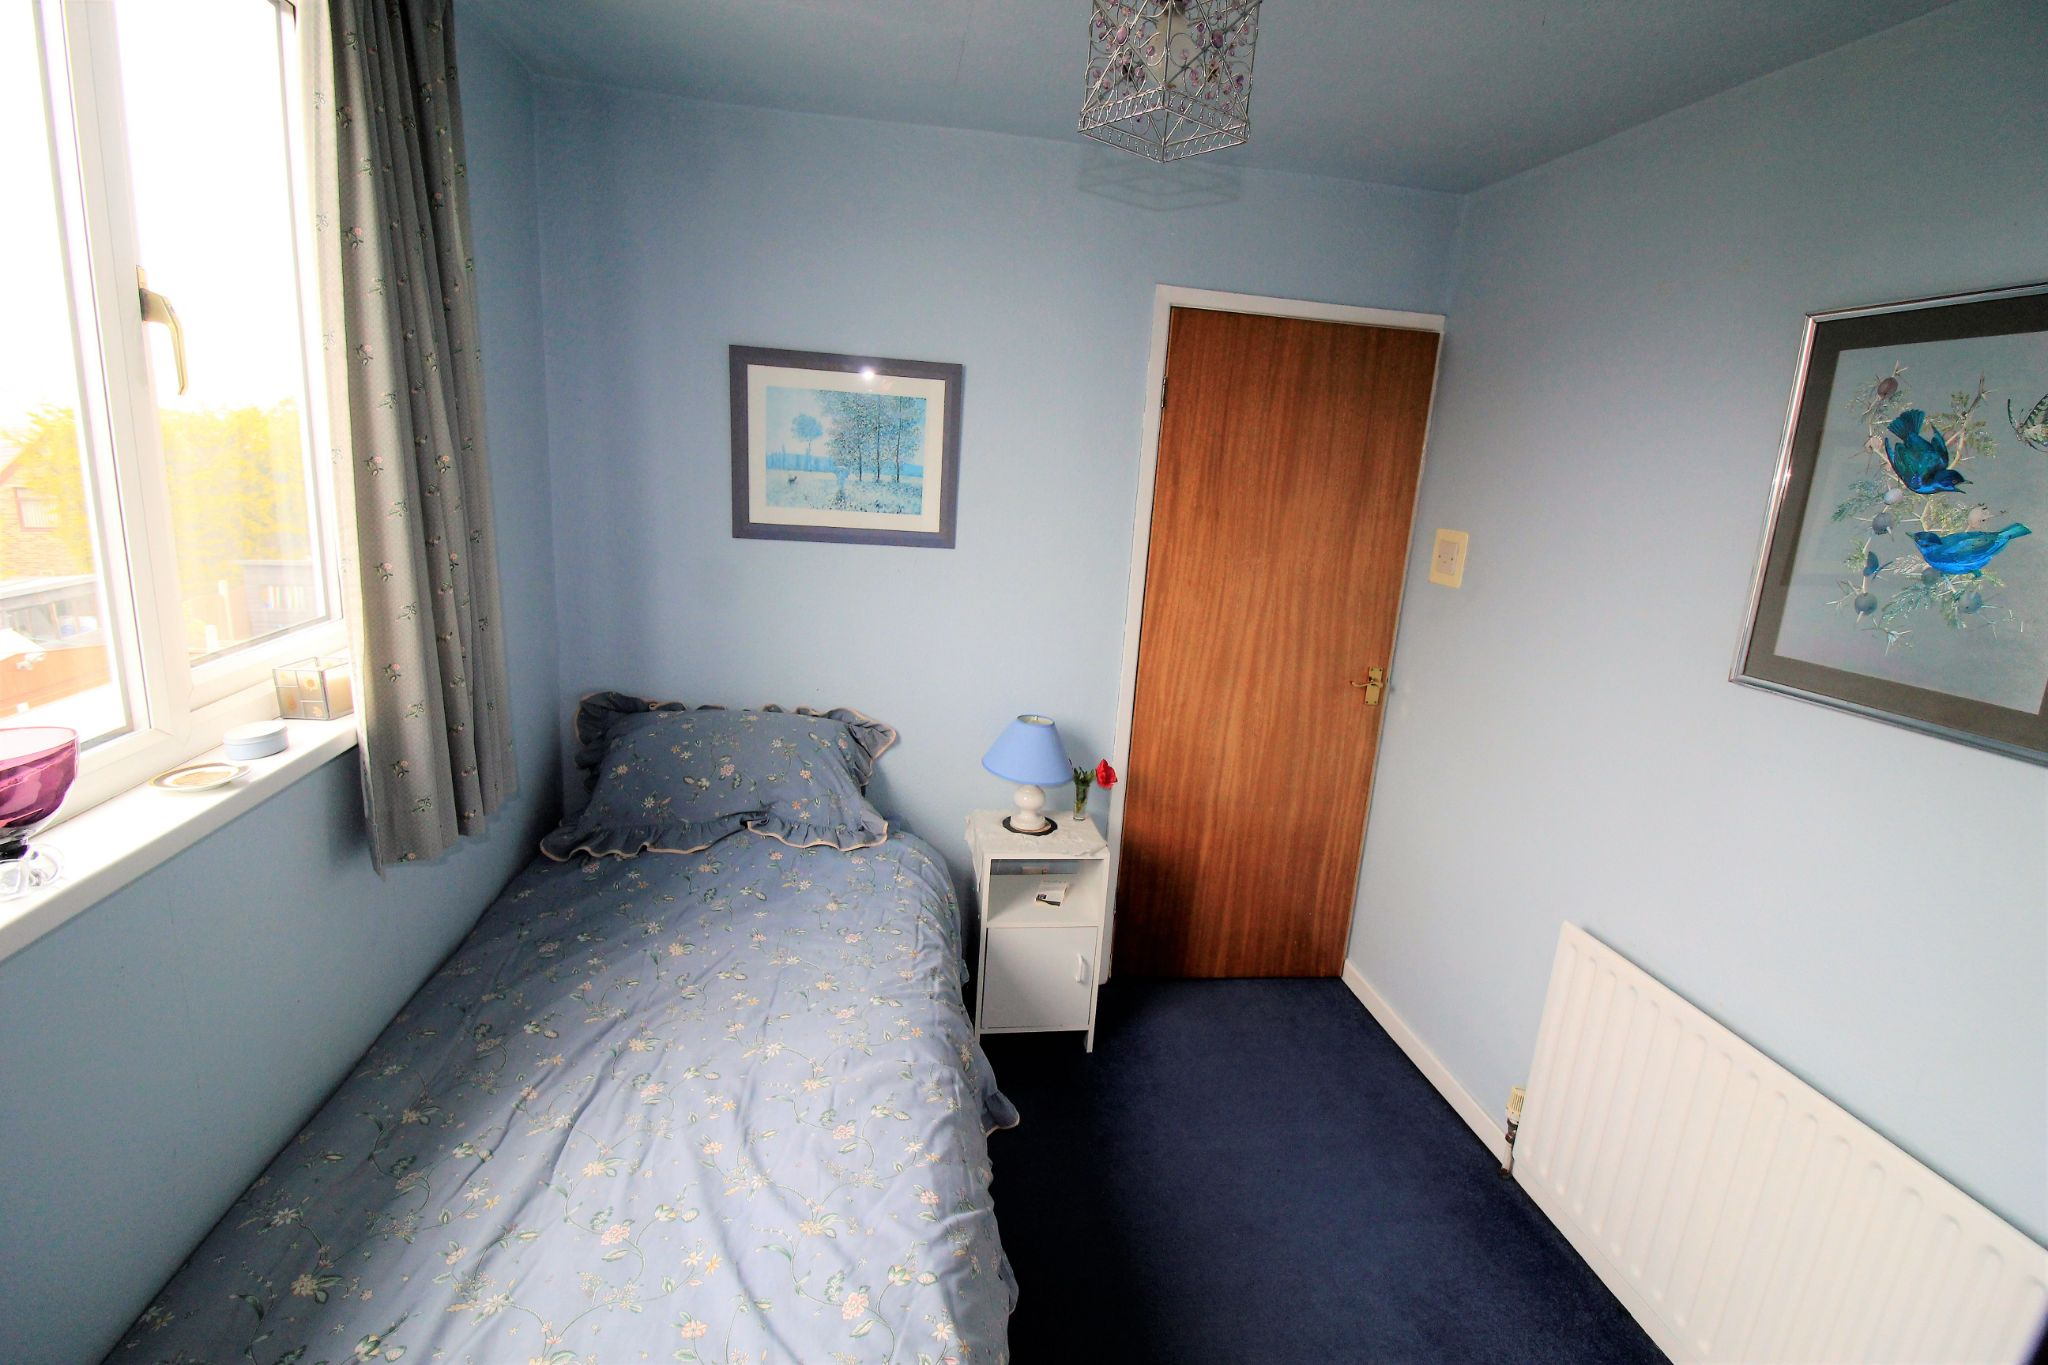 2 bedroom semi-detached bungalow SSTC in Bradford - Bedroom 2